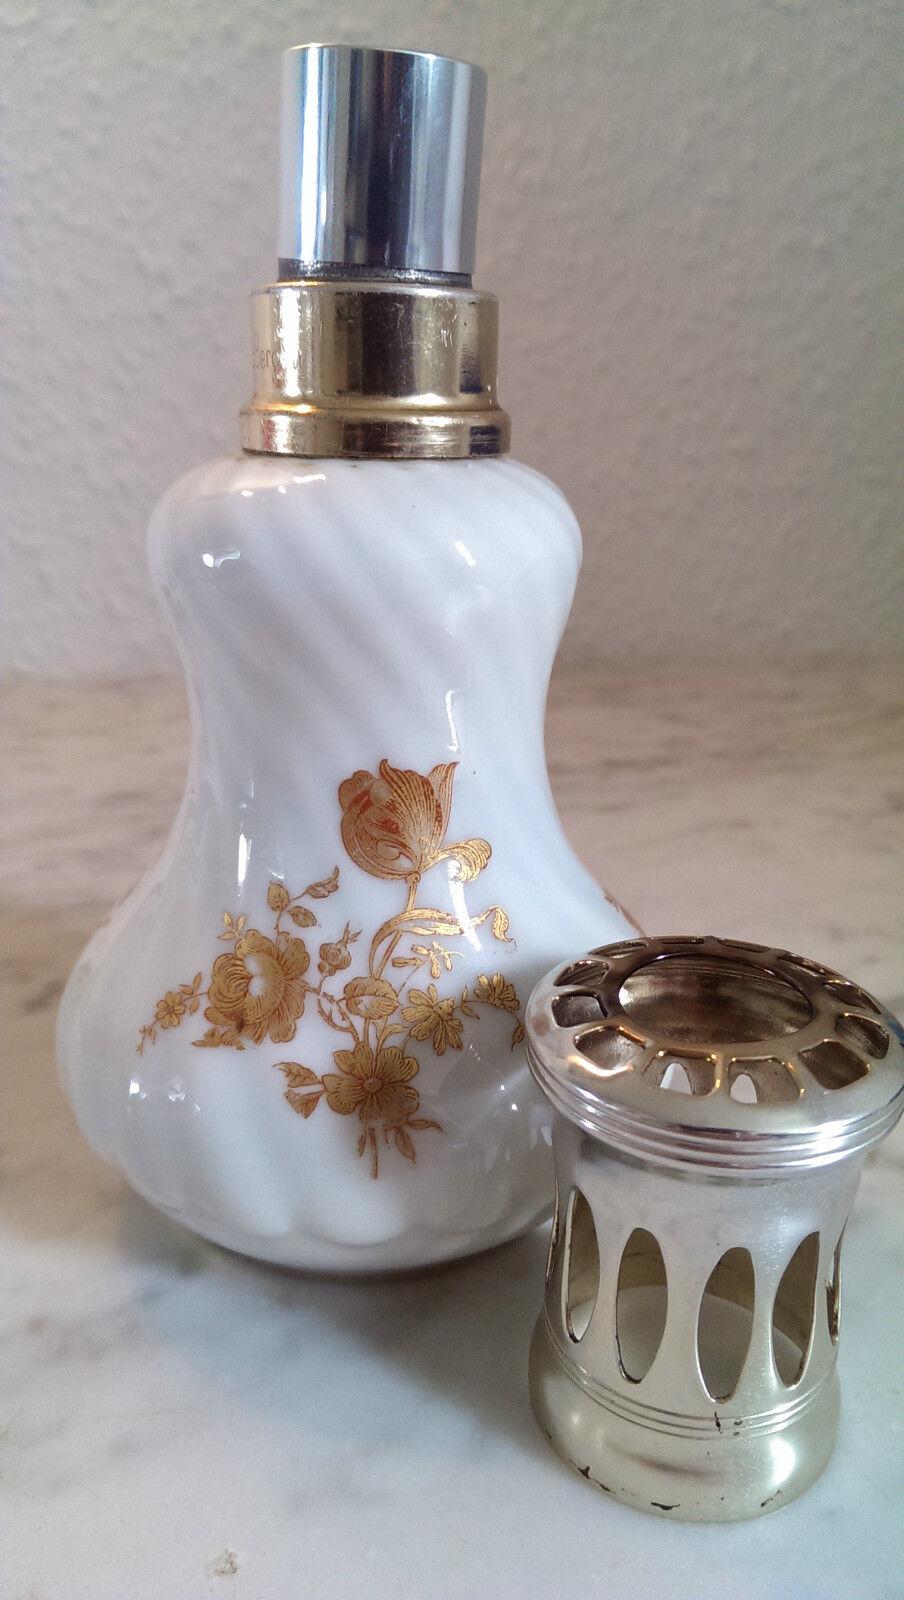 LAMPE BERGER Goldene Rosan weißes Porzellan PORCELAINE PORCELAINE PORCELAINE PILIVUYT G 2b93bb